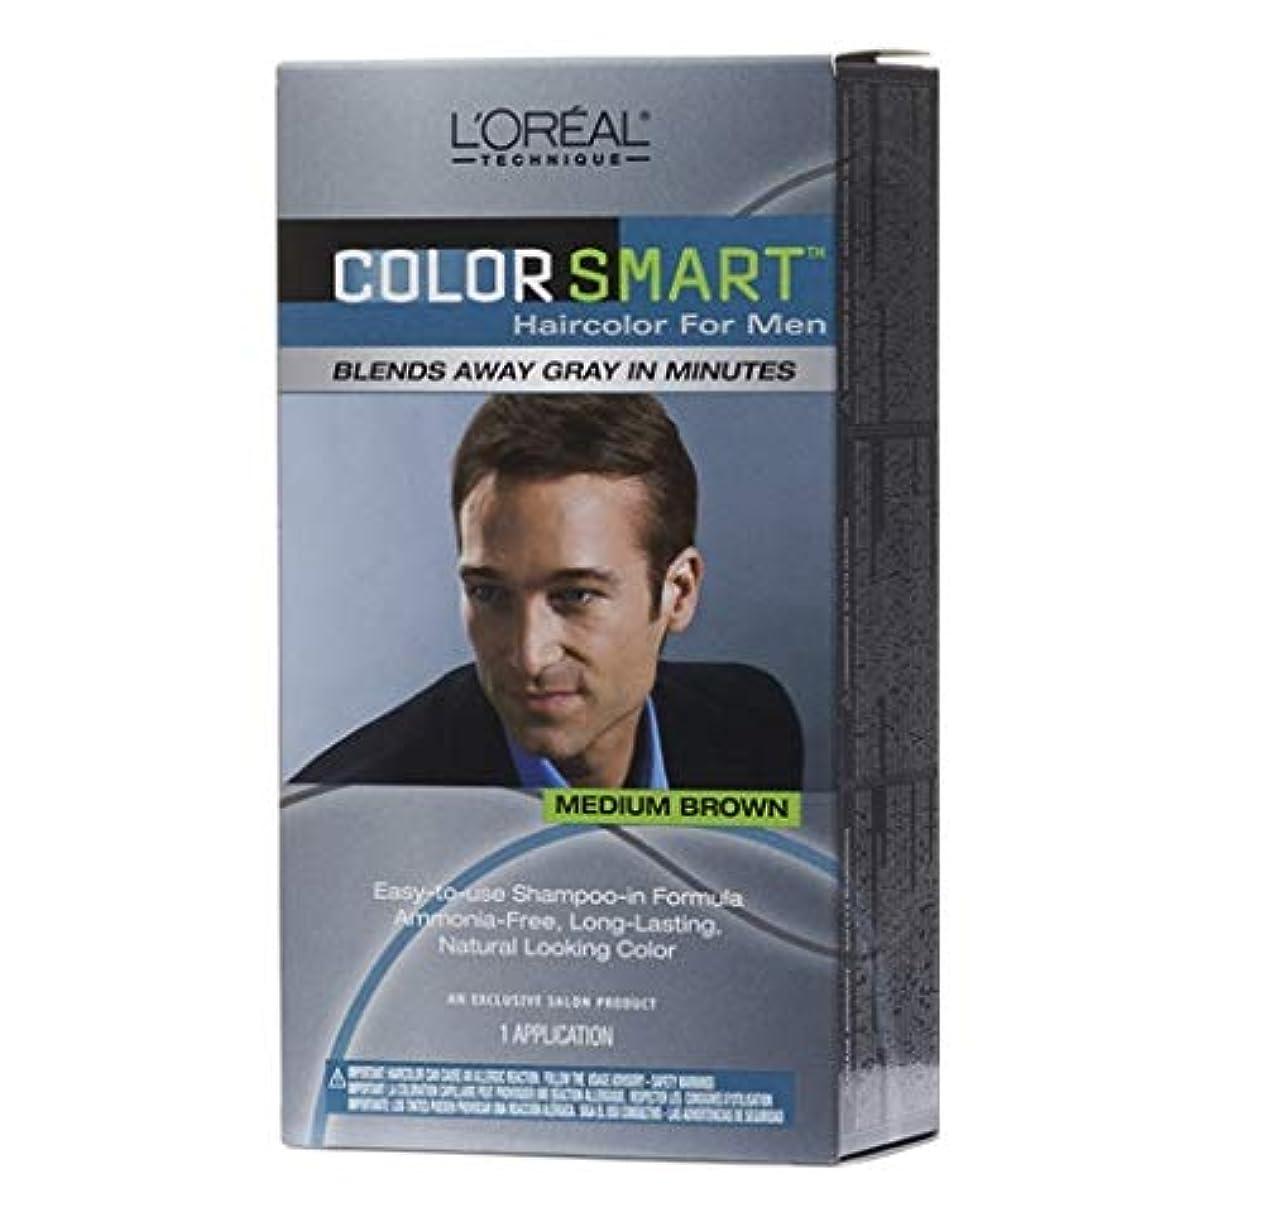 意外漏れ存在するL'Oreal Technique - Color Smart for Men - Medium Brown KIT